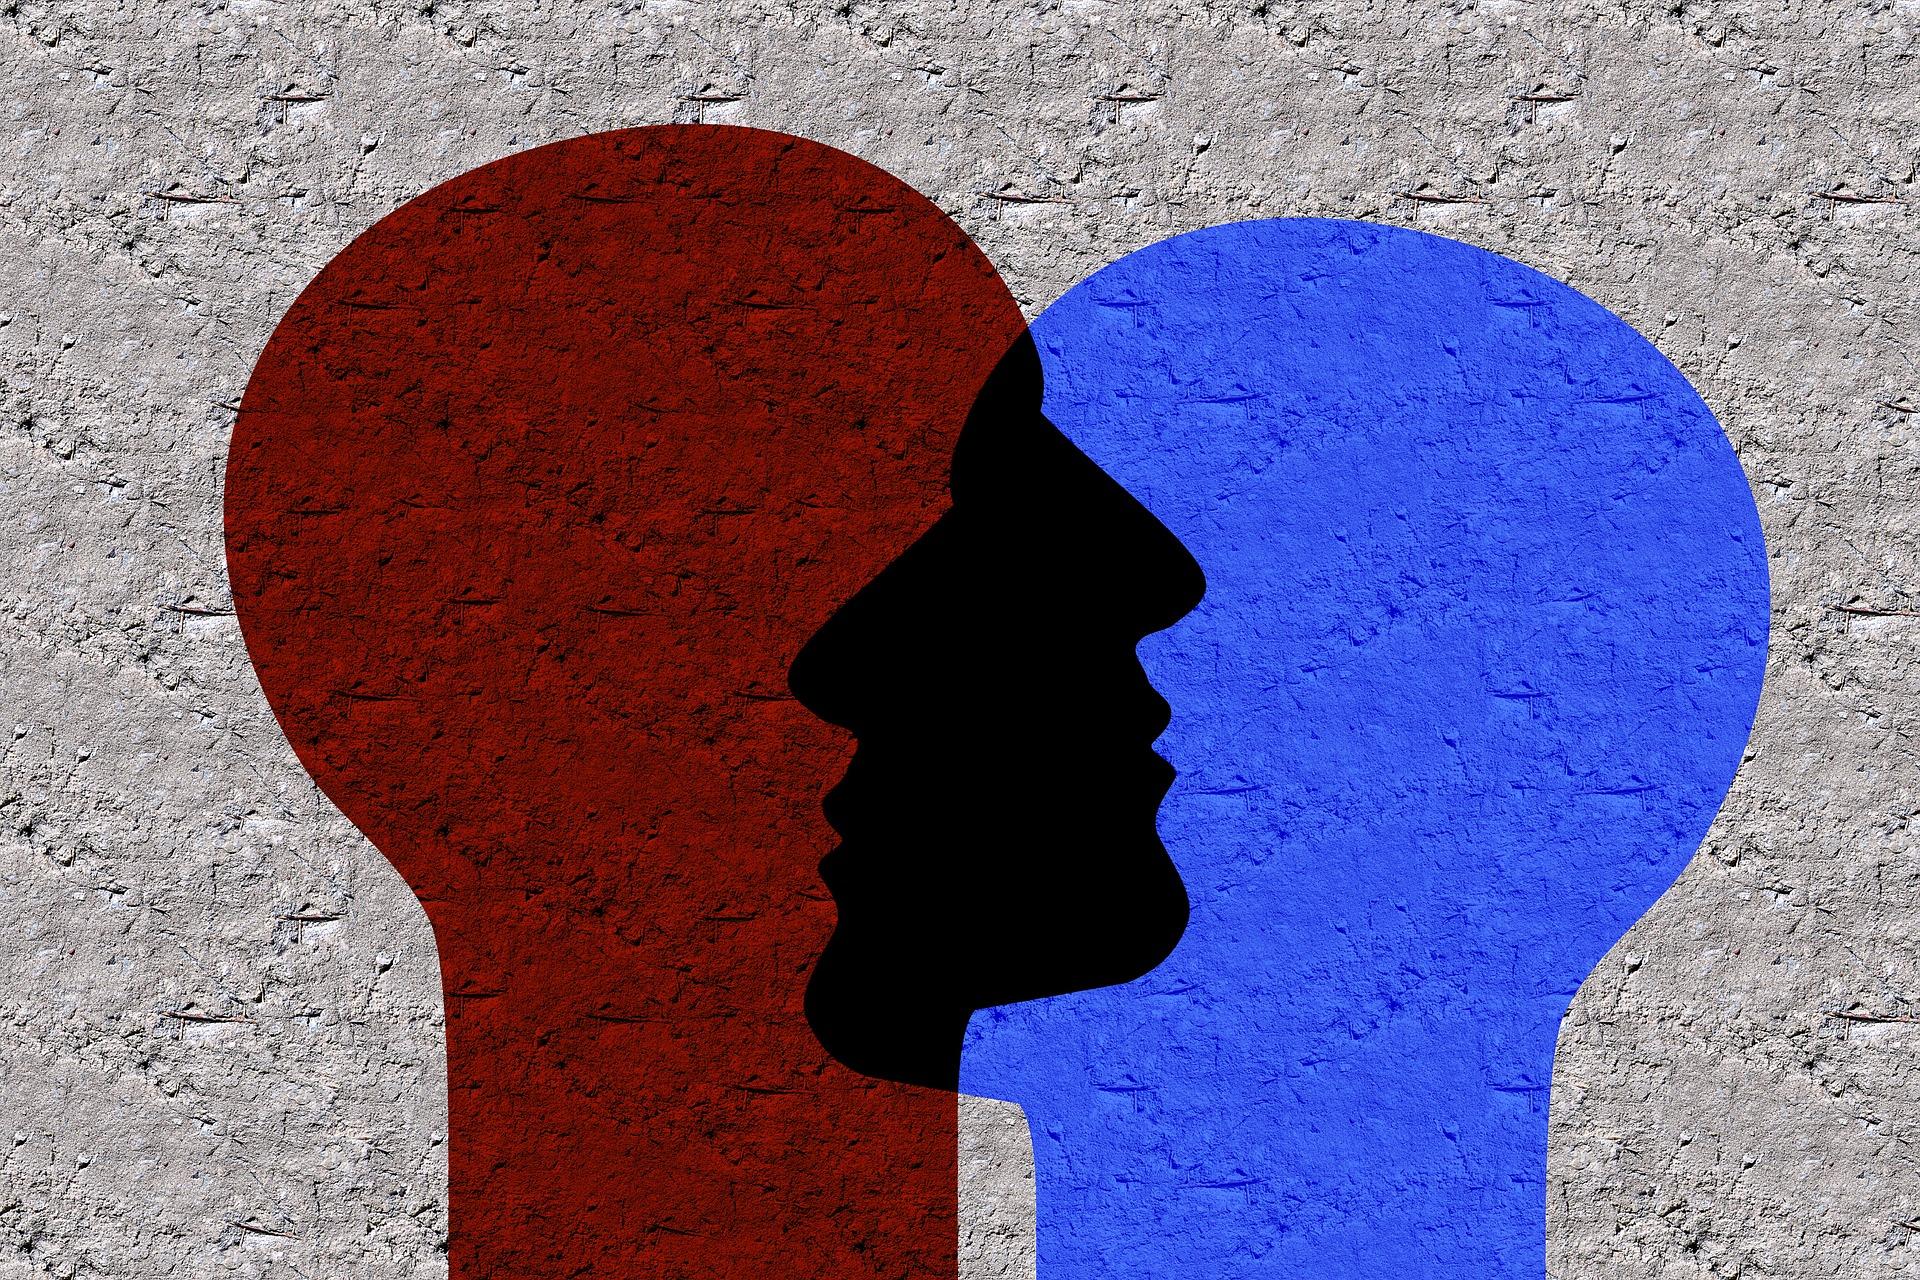 パーソナリティ障害とMBTI